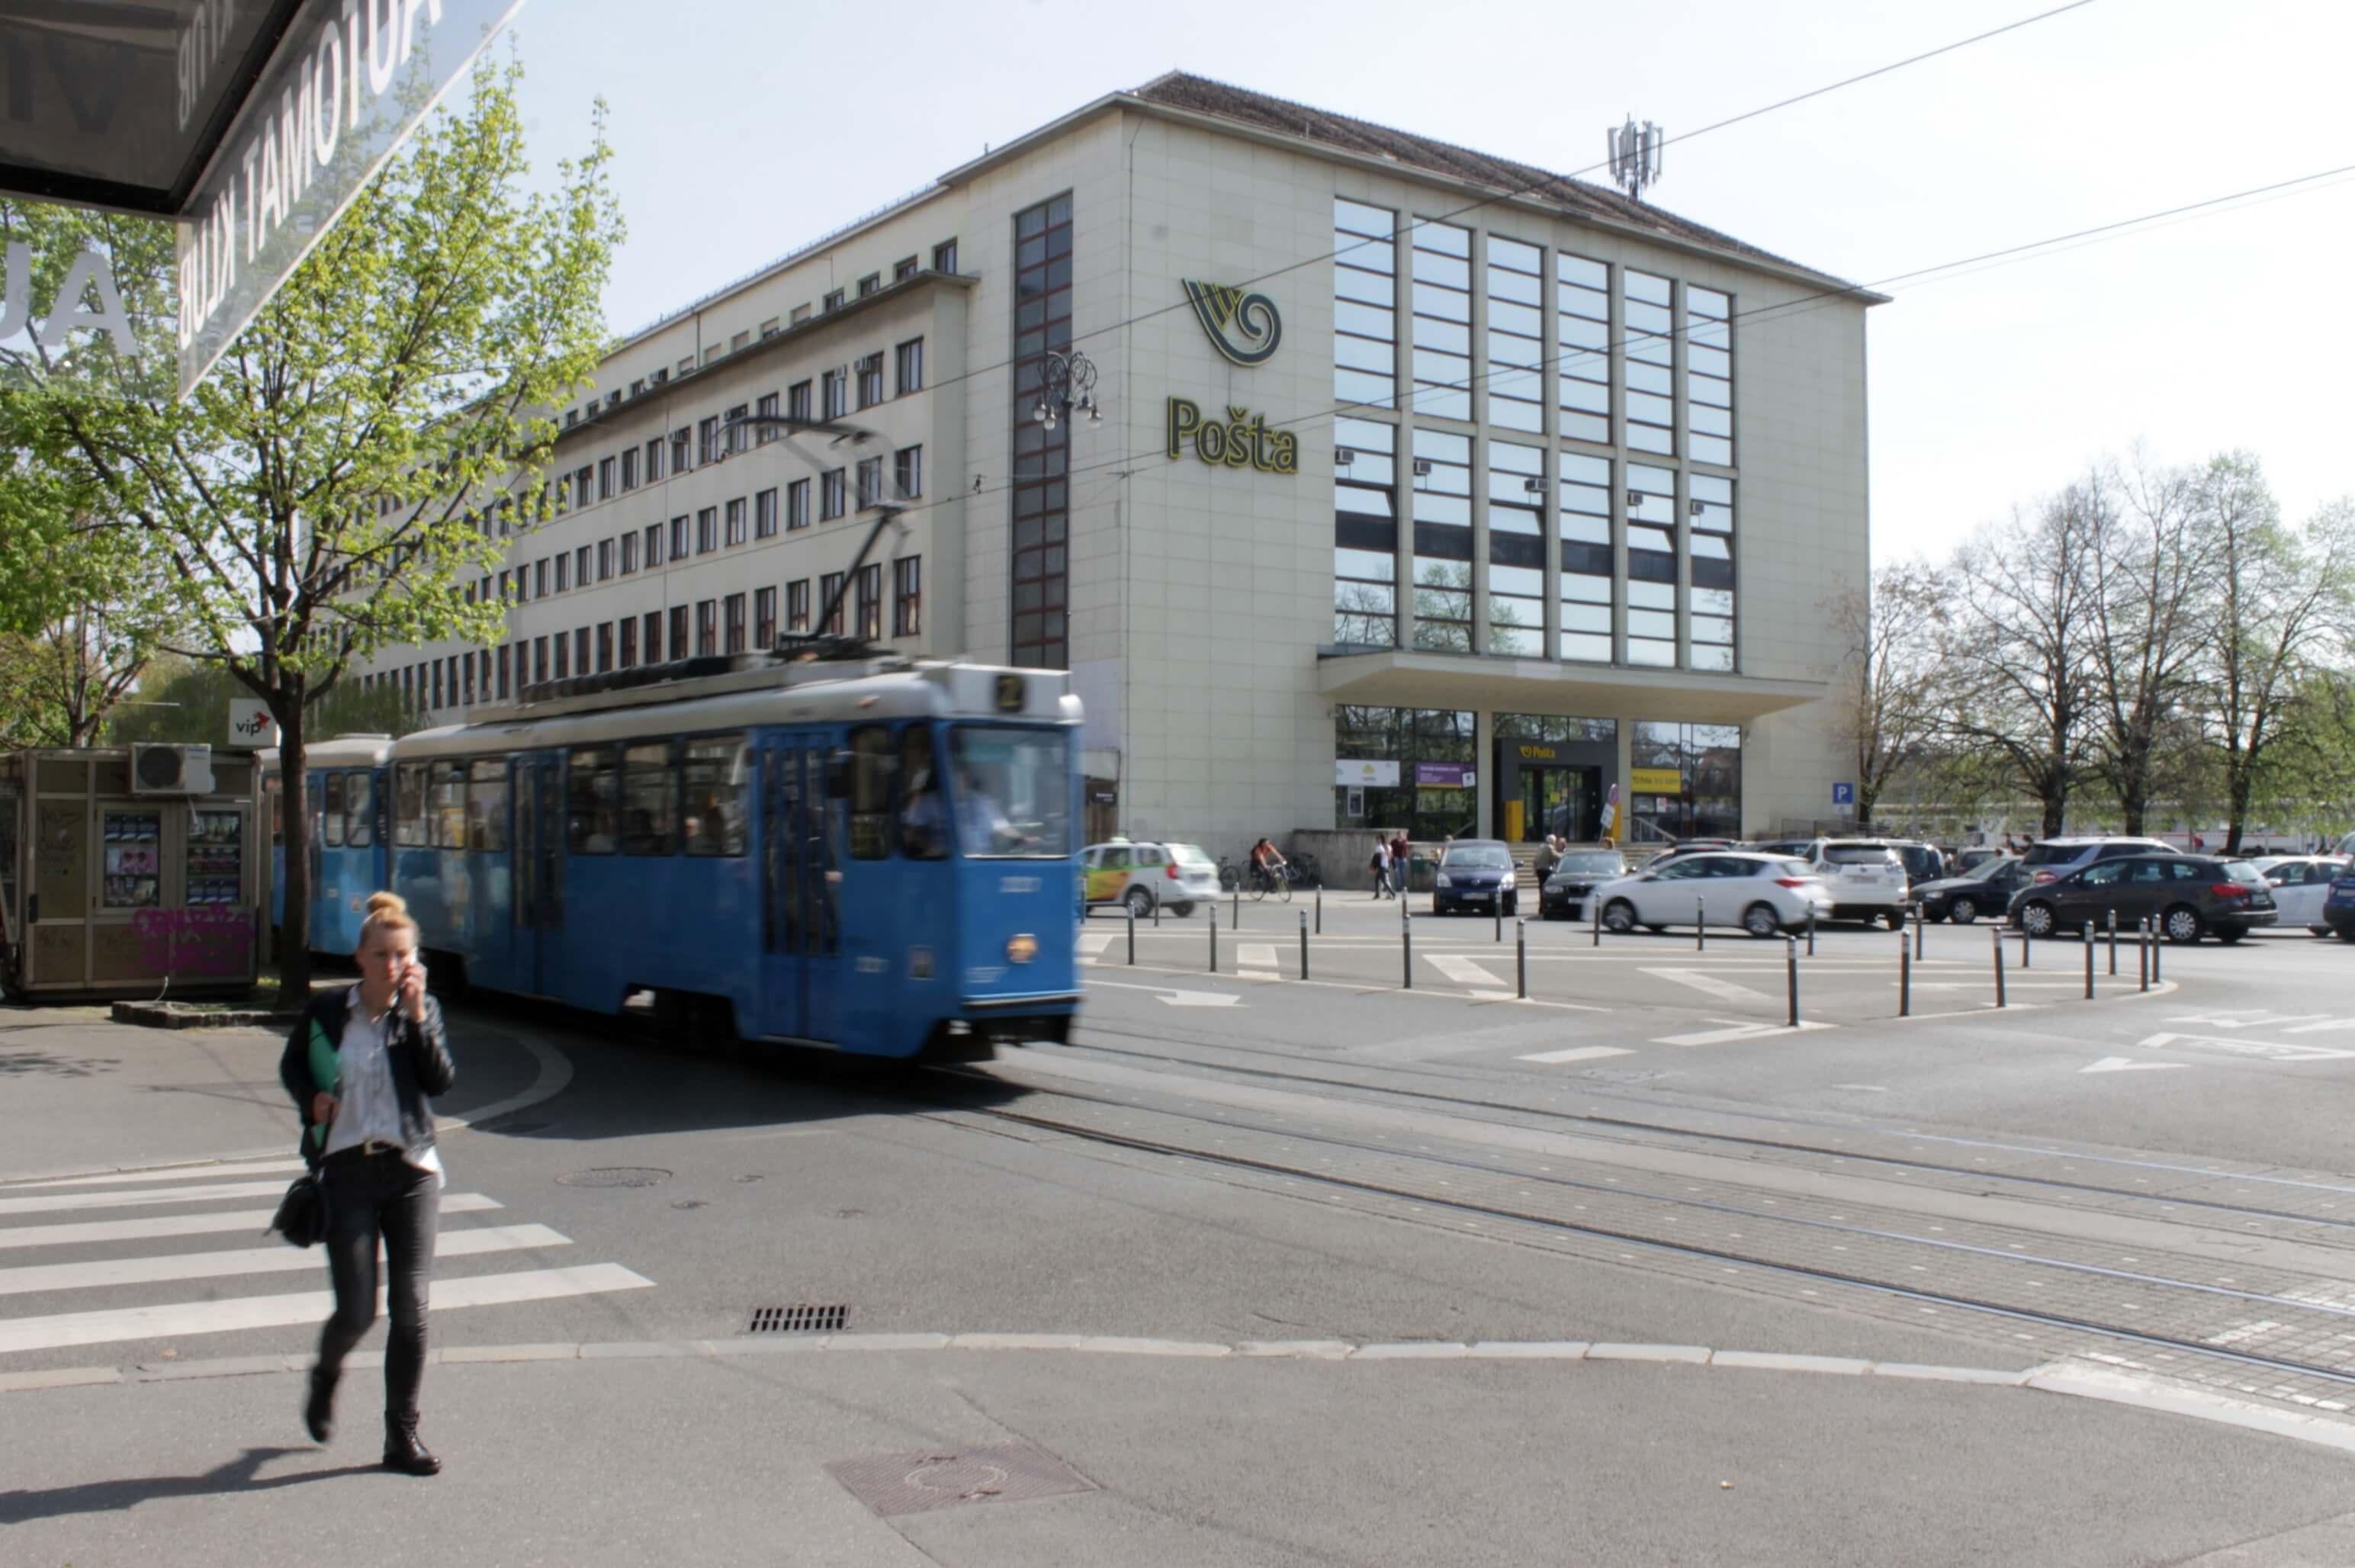 Radovi u Branimirovoj trajat će još dva tjedna, do tad tramvaji prometuju izmijenjenim trasama